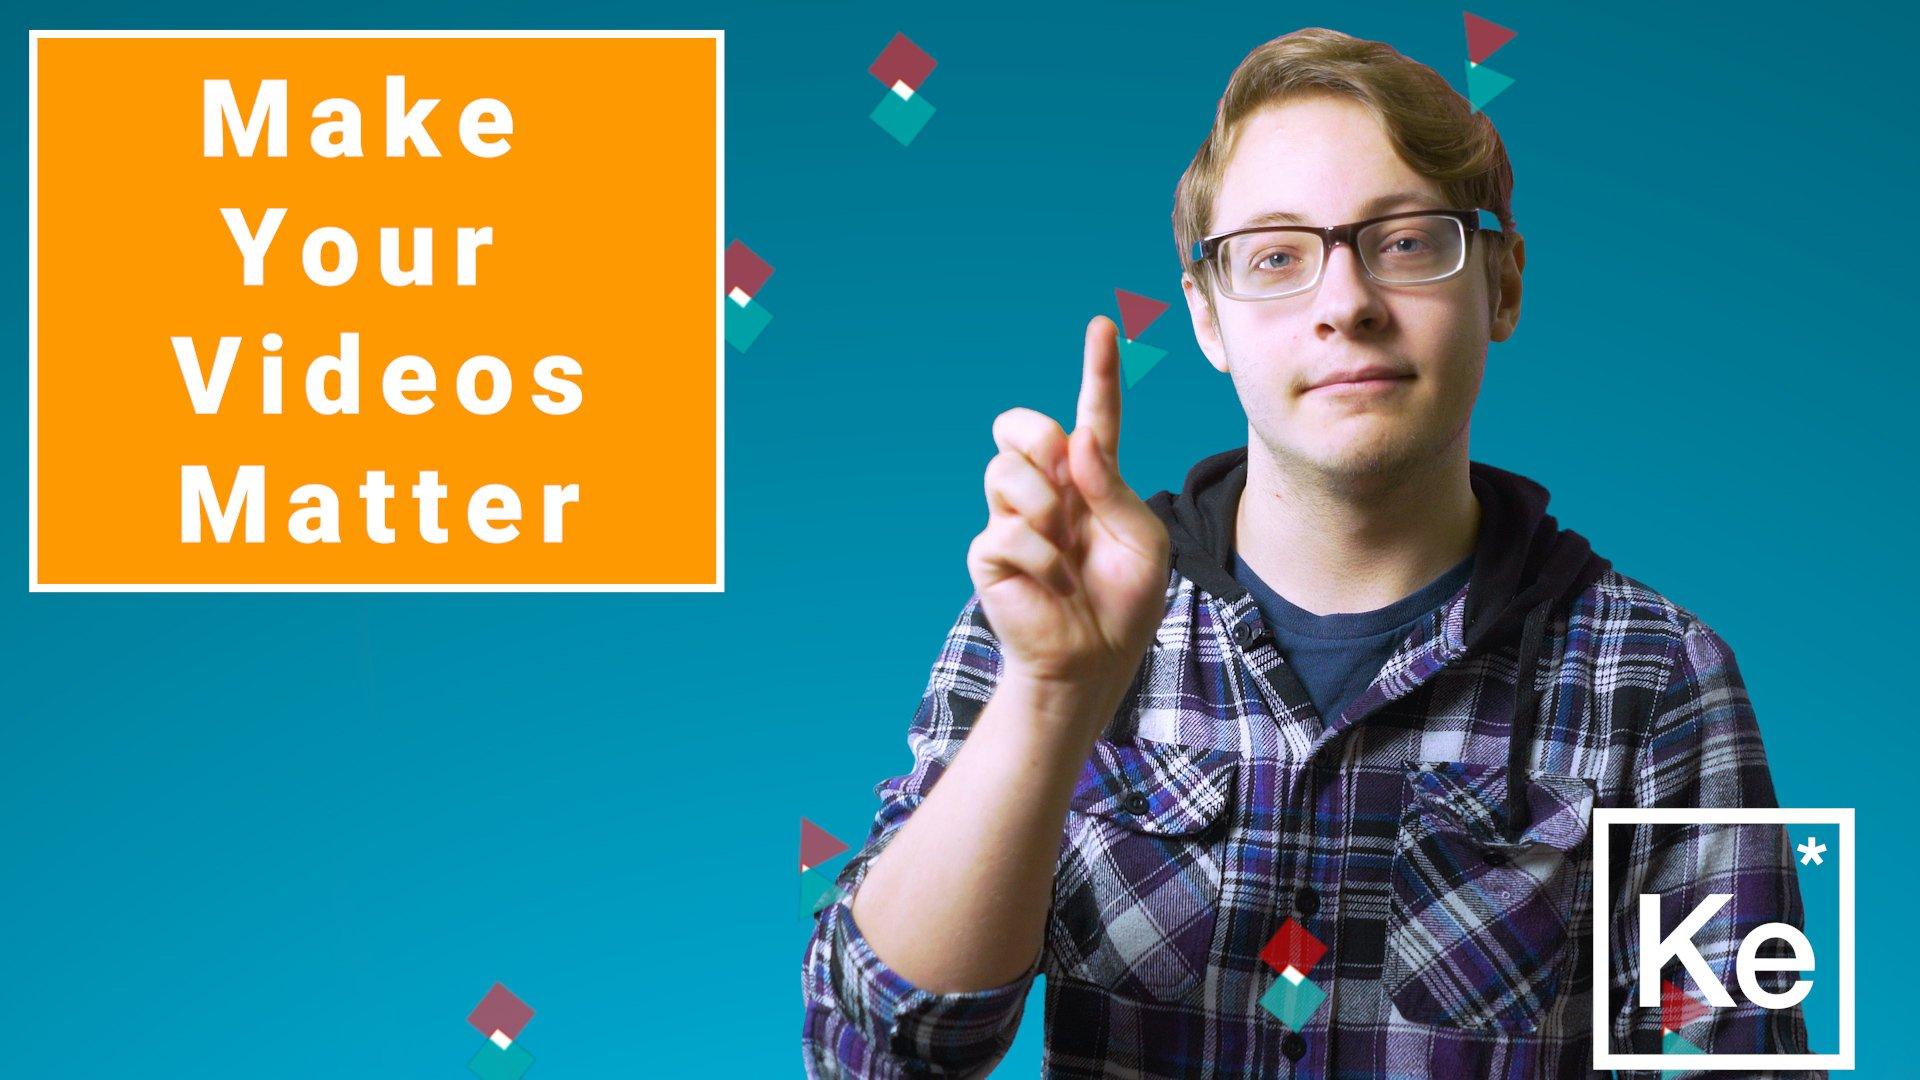 Make Videos Matter